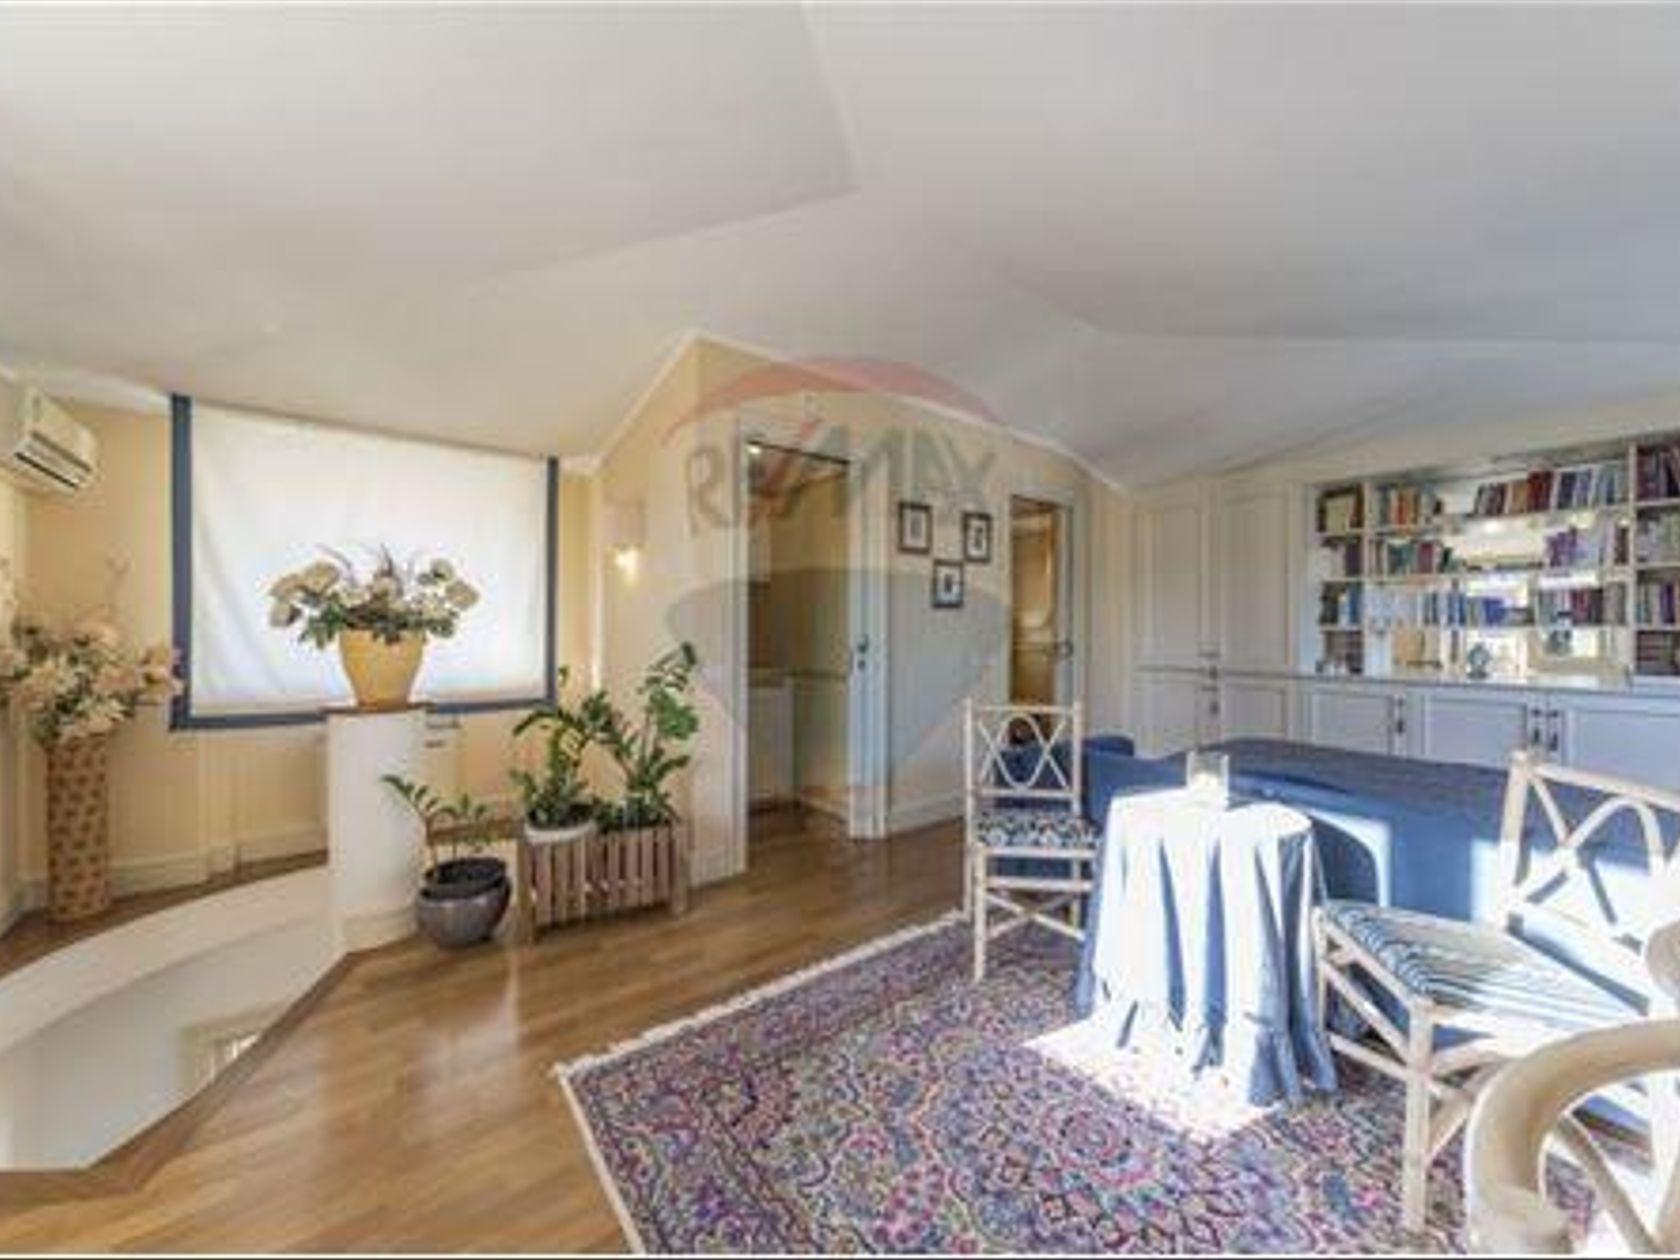 Villa singola Genneruxi, Cagliari, CA Vendita - Foto 17